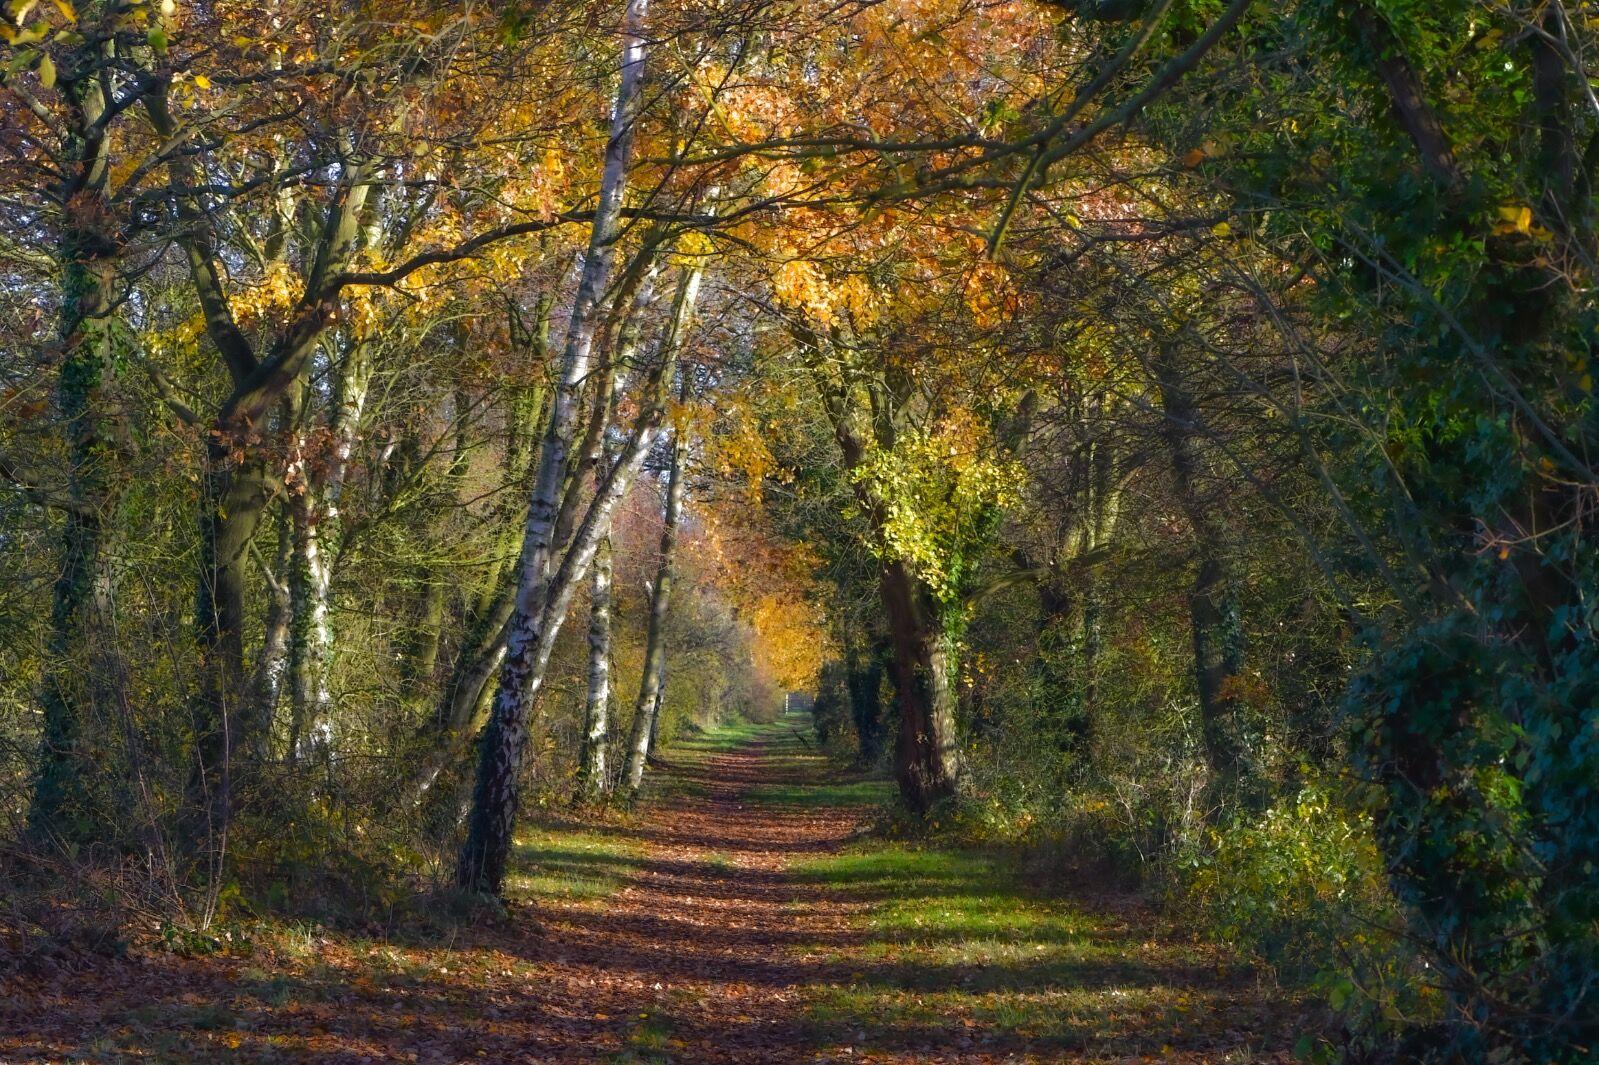 Dingle Dell in Autumn Colours